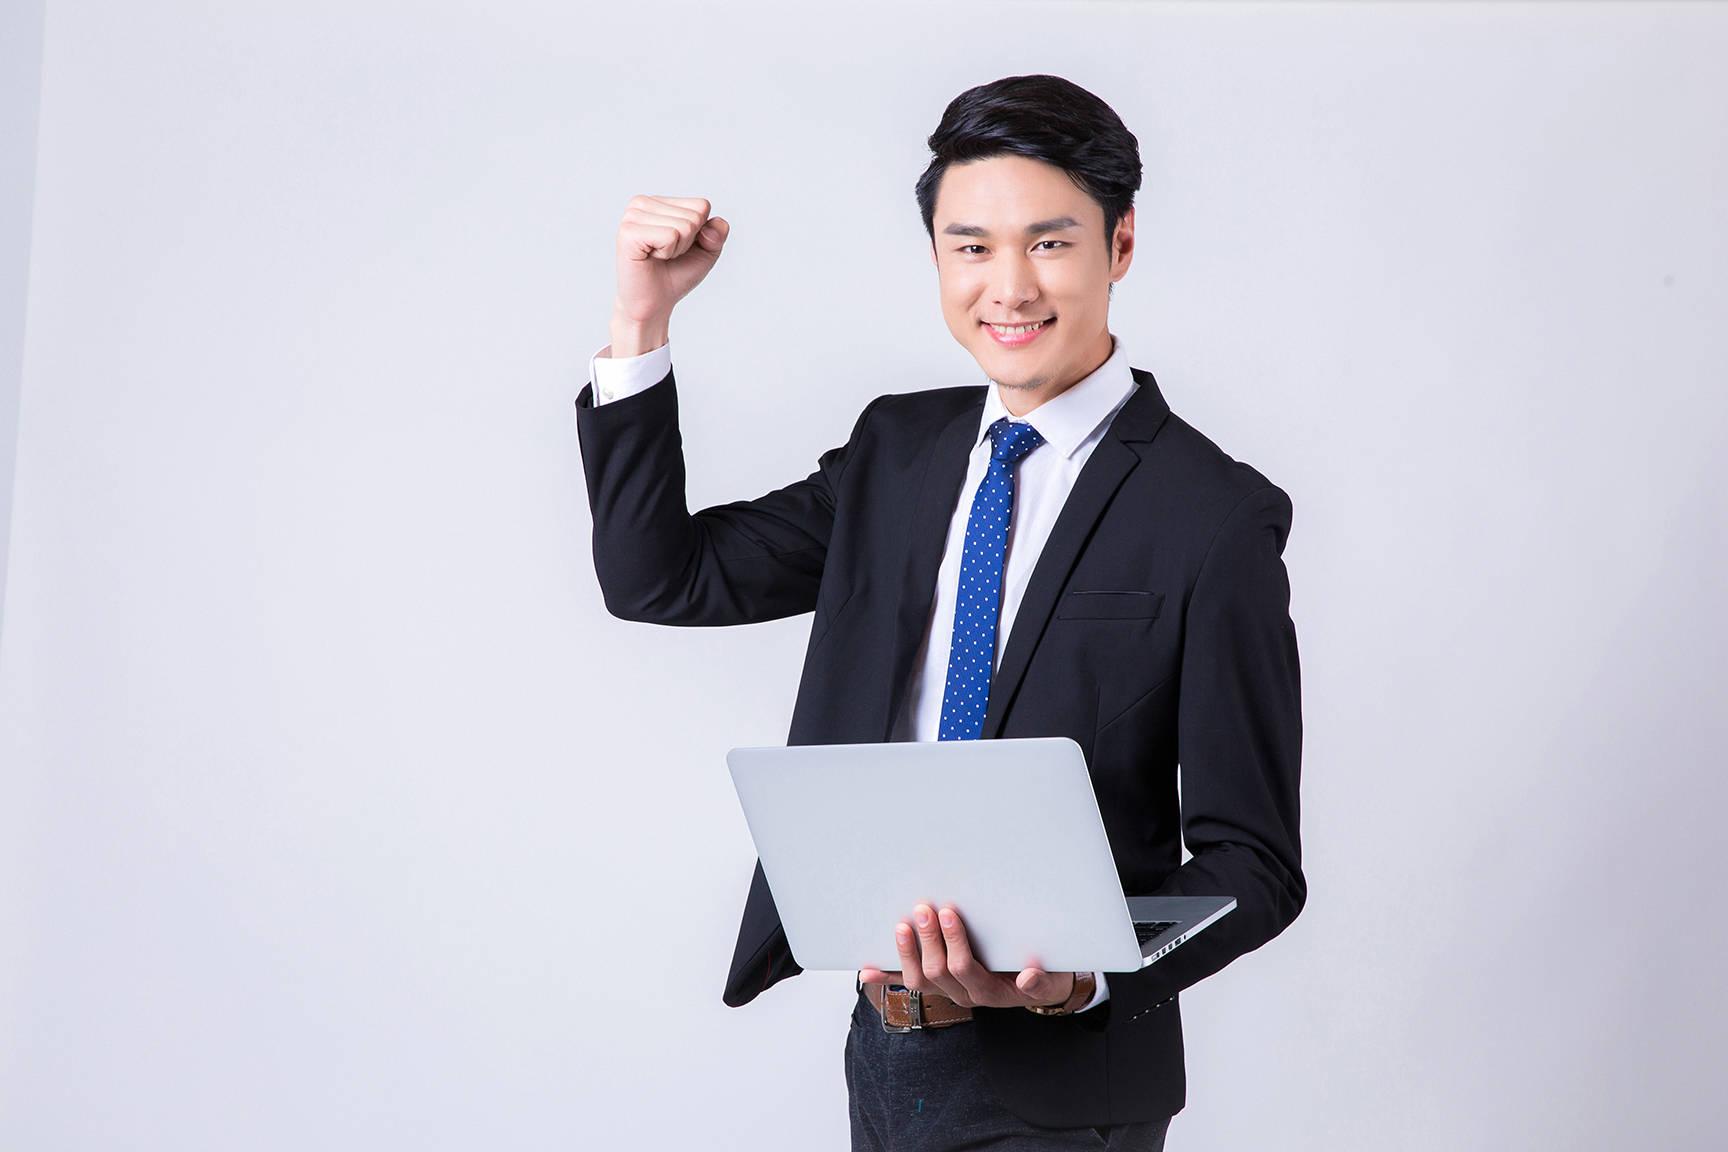 计算机六大热门工科专业 就业率高 人工连续上涨 大家抢着报道